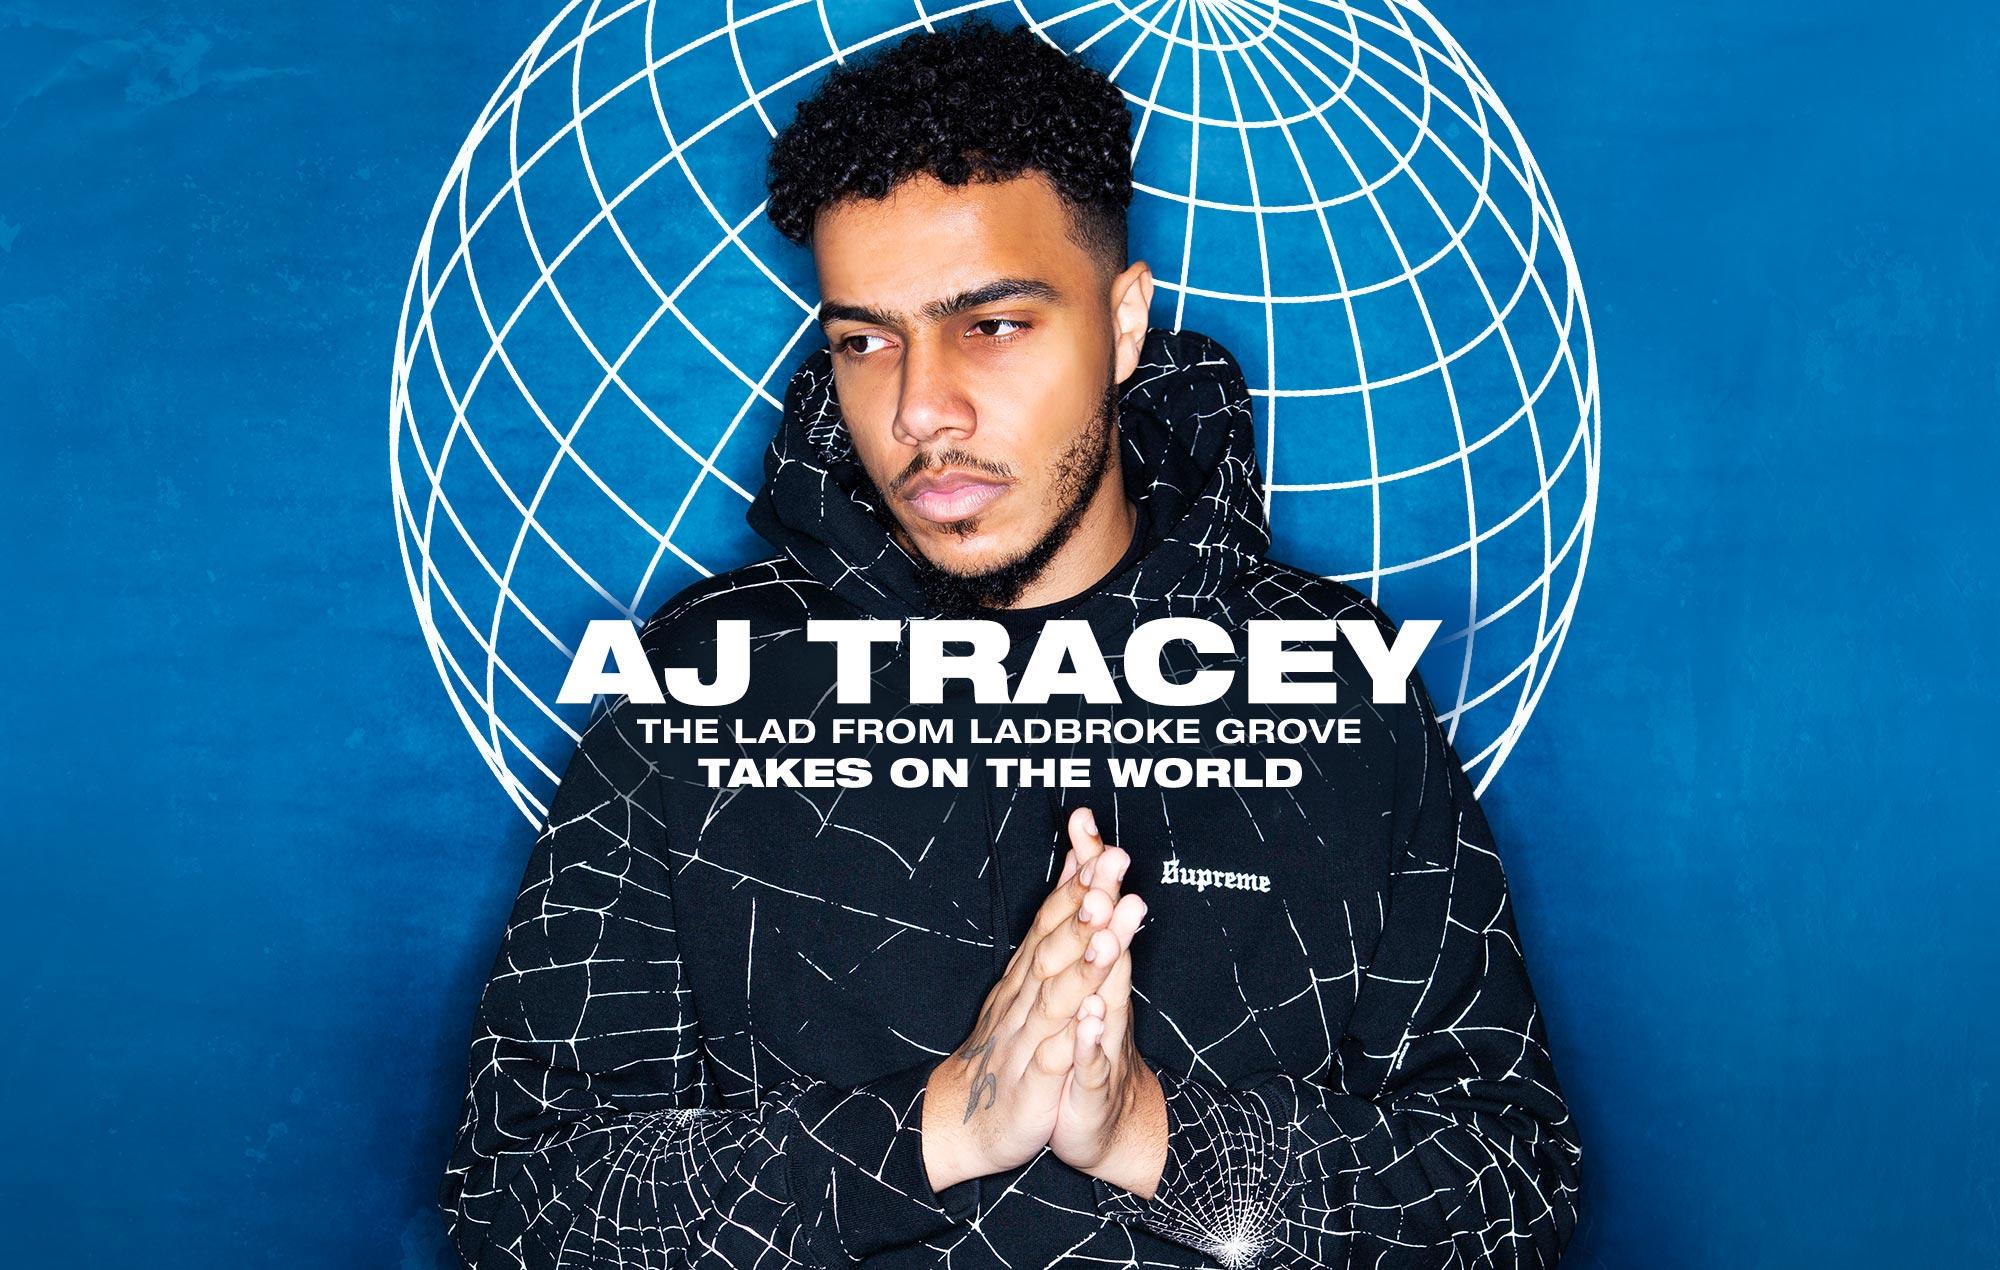 AJ Tracey